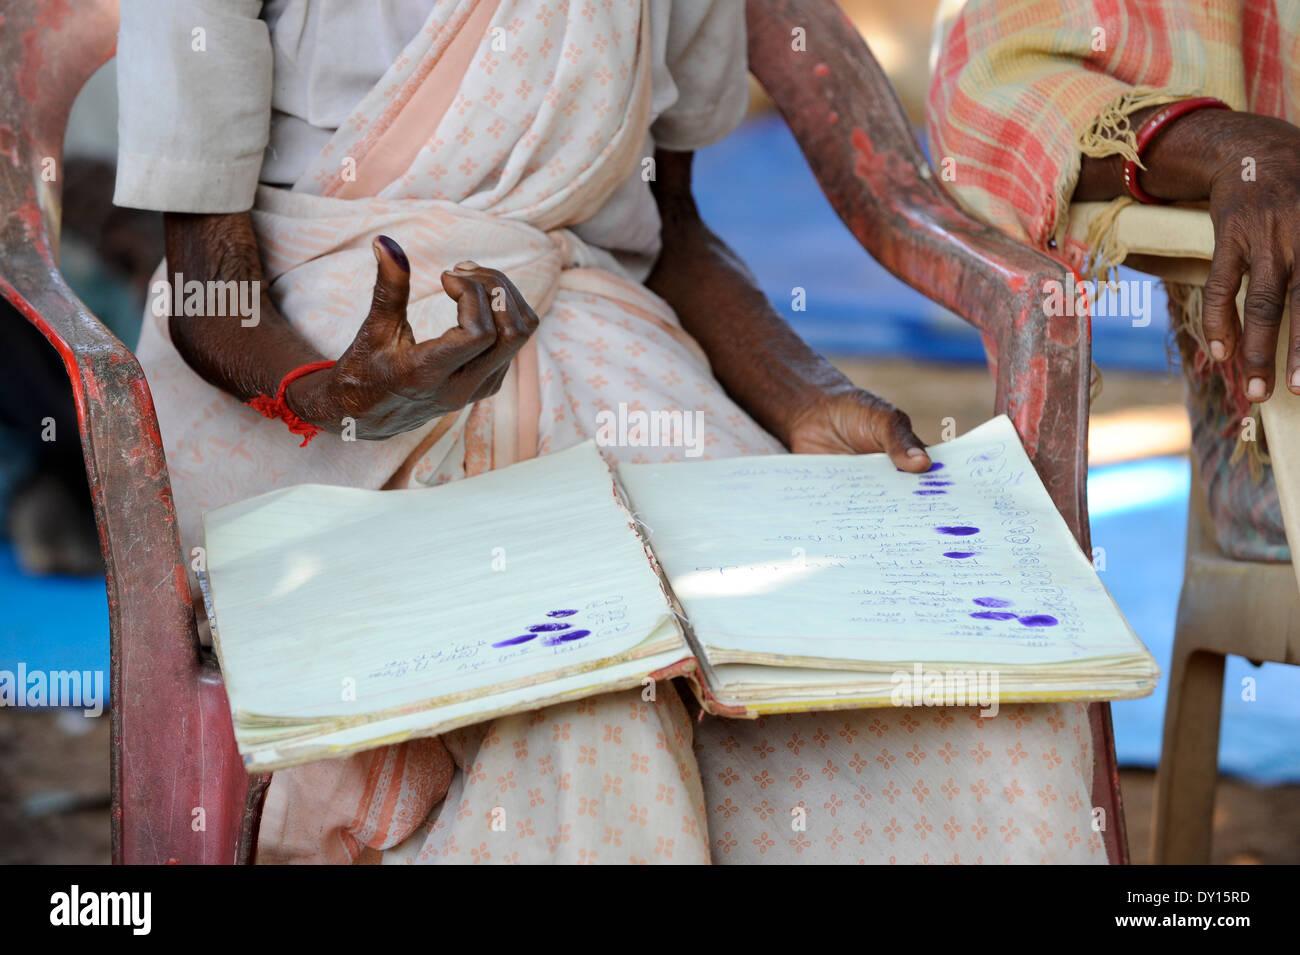 La India Jharkhand, ONG adivasi Birsa organizar para luchar por sus derechos a la tierra, reunidos en la aldea, las mujeres firmar con pulgar imprimir Imagen De Stock